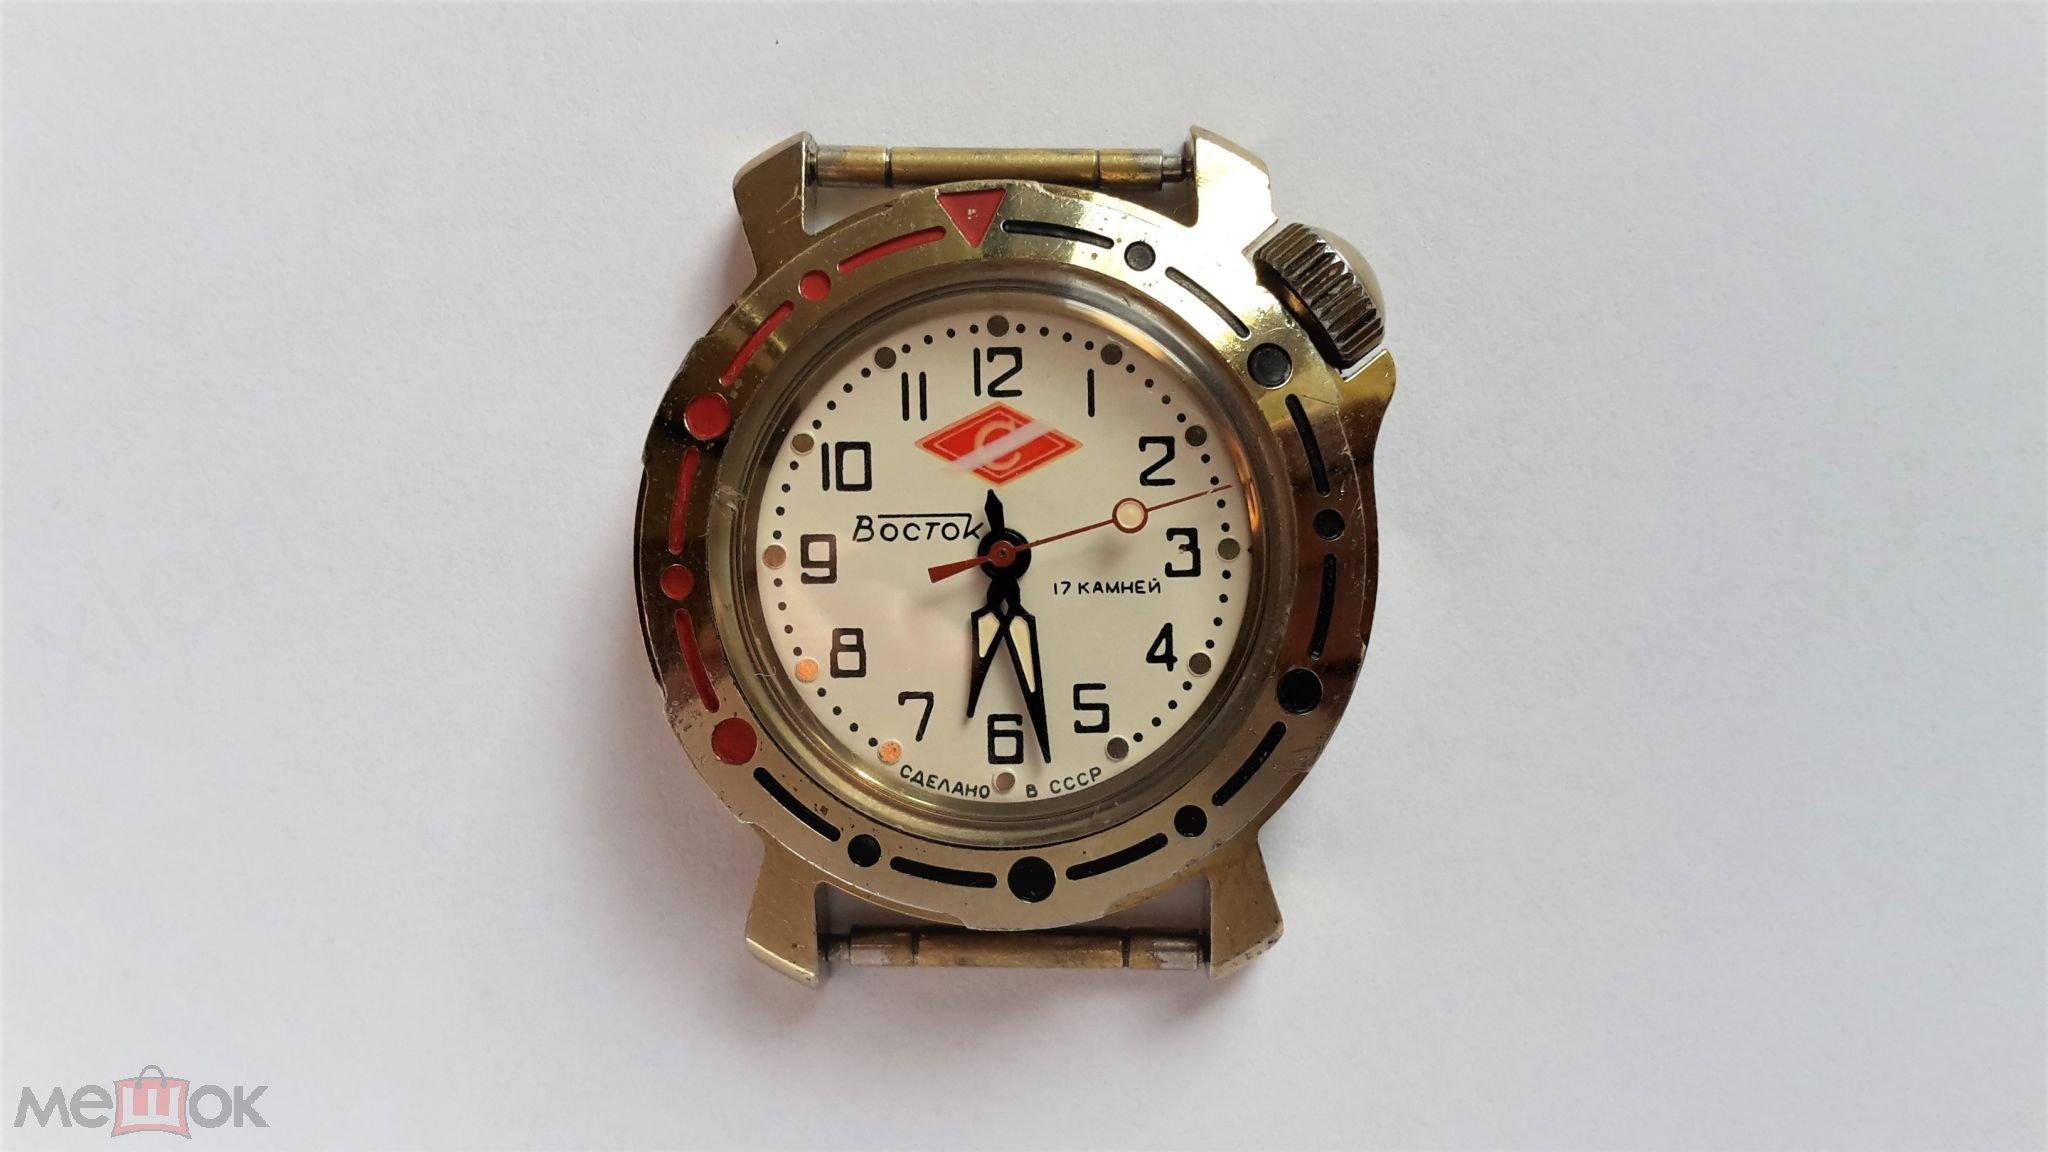 Наручные часы восток — купить сегодня c доставкой и гарантией по выгодной цене.